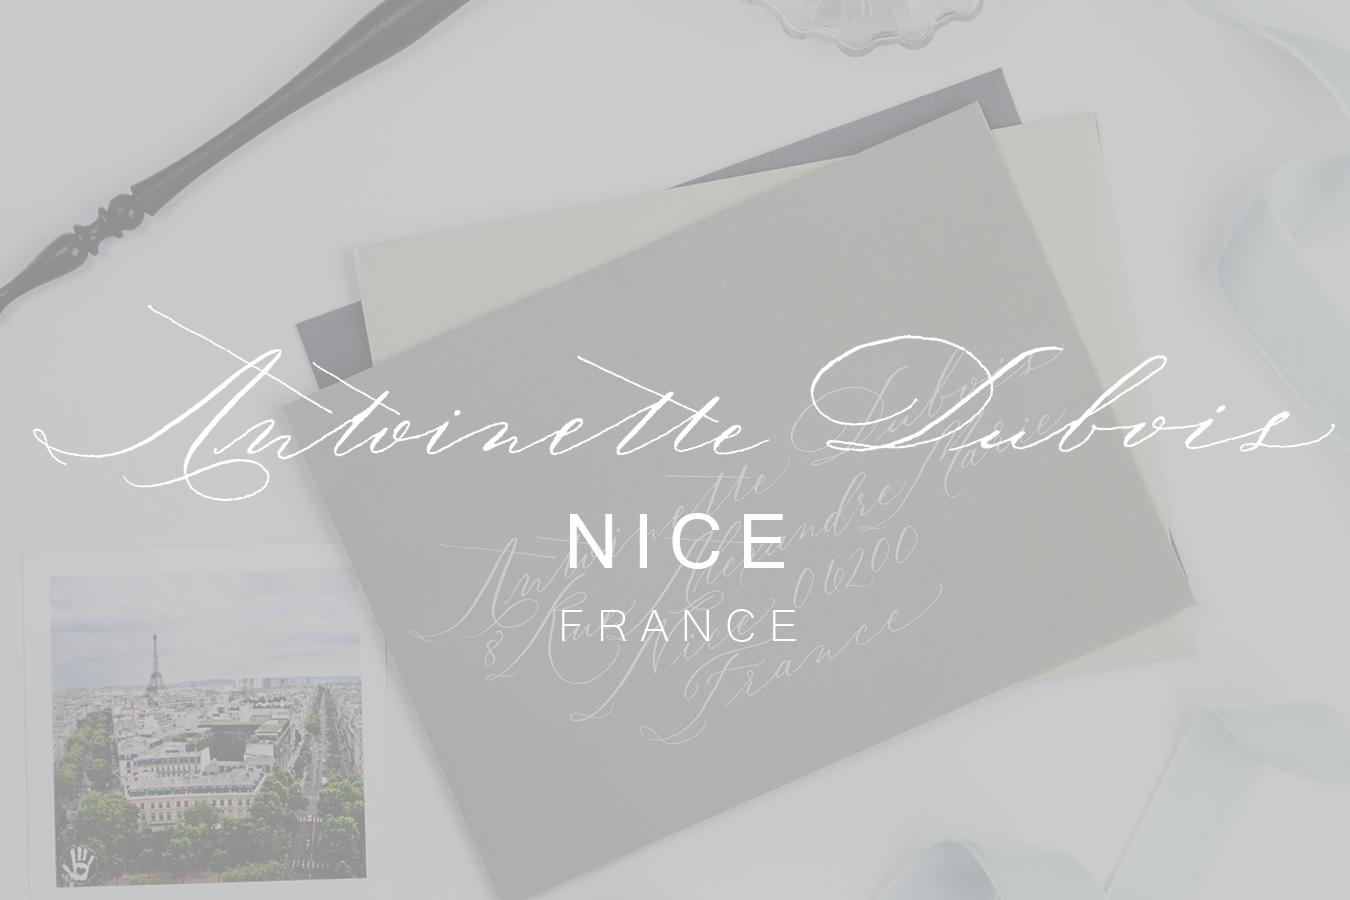 Antoinette Dubois | KACD Lettering Styles